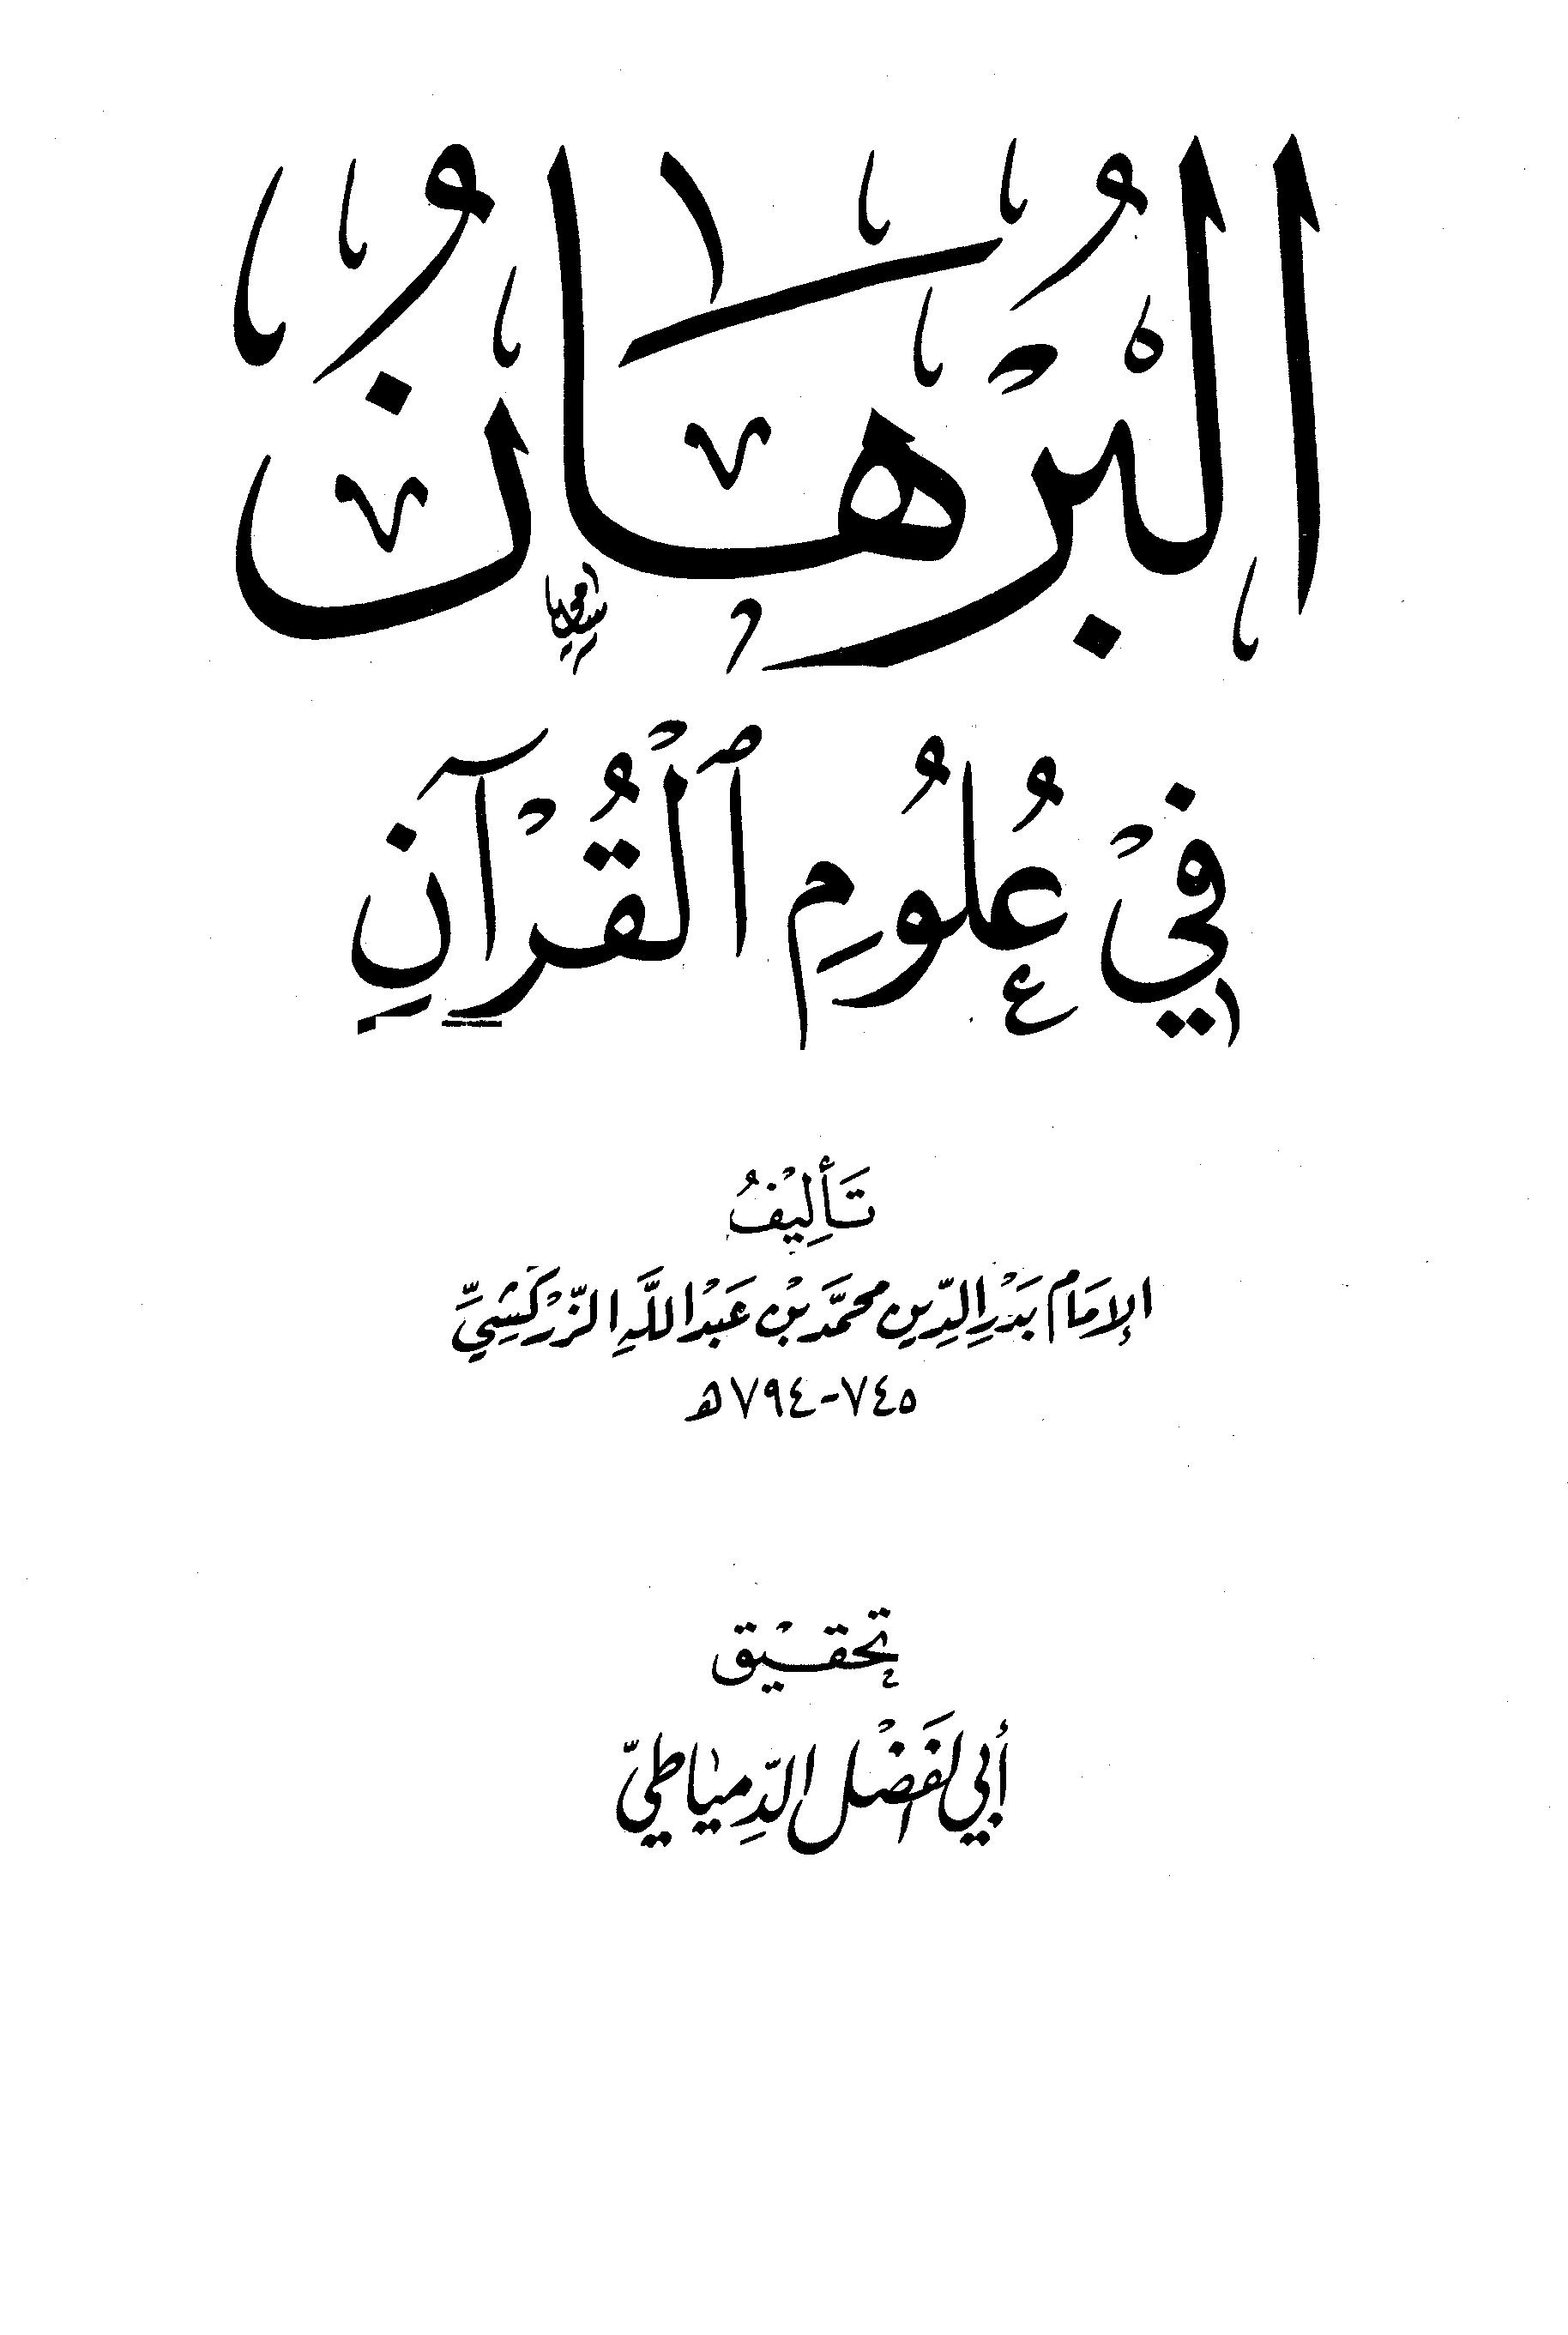 تحميل كتاب البرهان في علوم القرآن (ت. الدمياطي) لـِ: الإمام أبو عبد الله بدر الدين محمد بن عبد الله بن بهادر الزركشي الشافعي (ت 794)